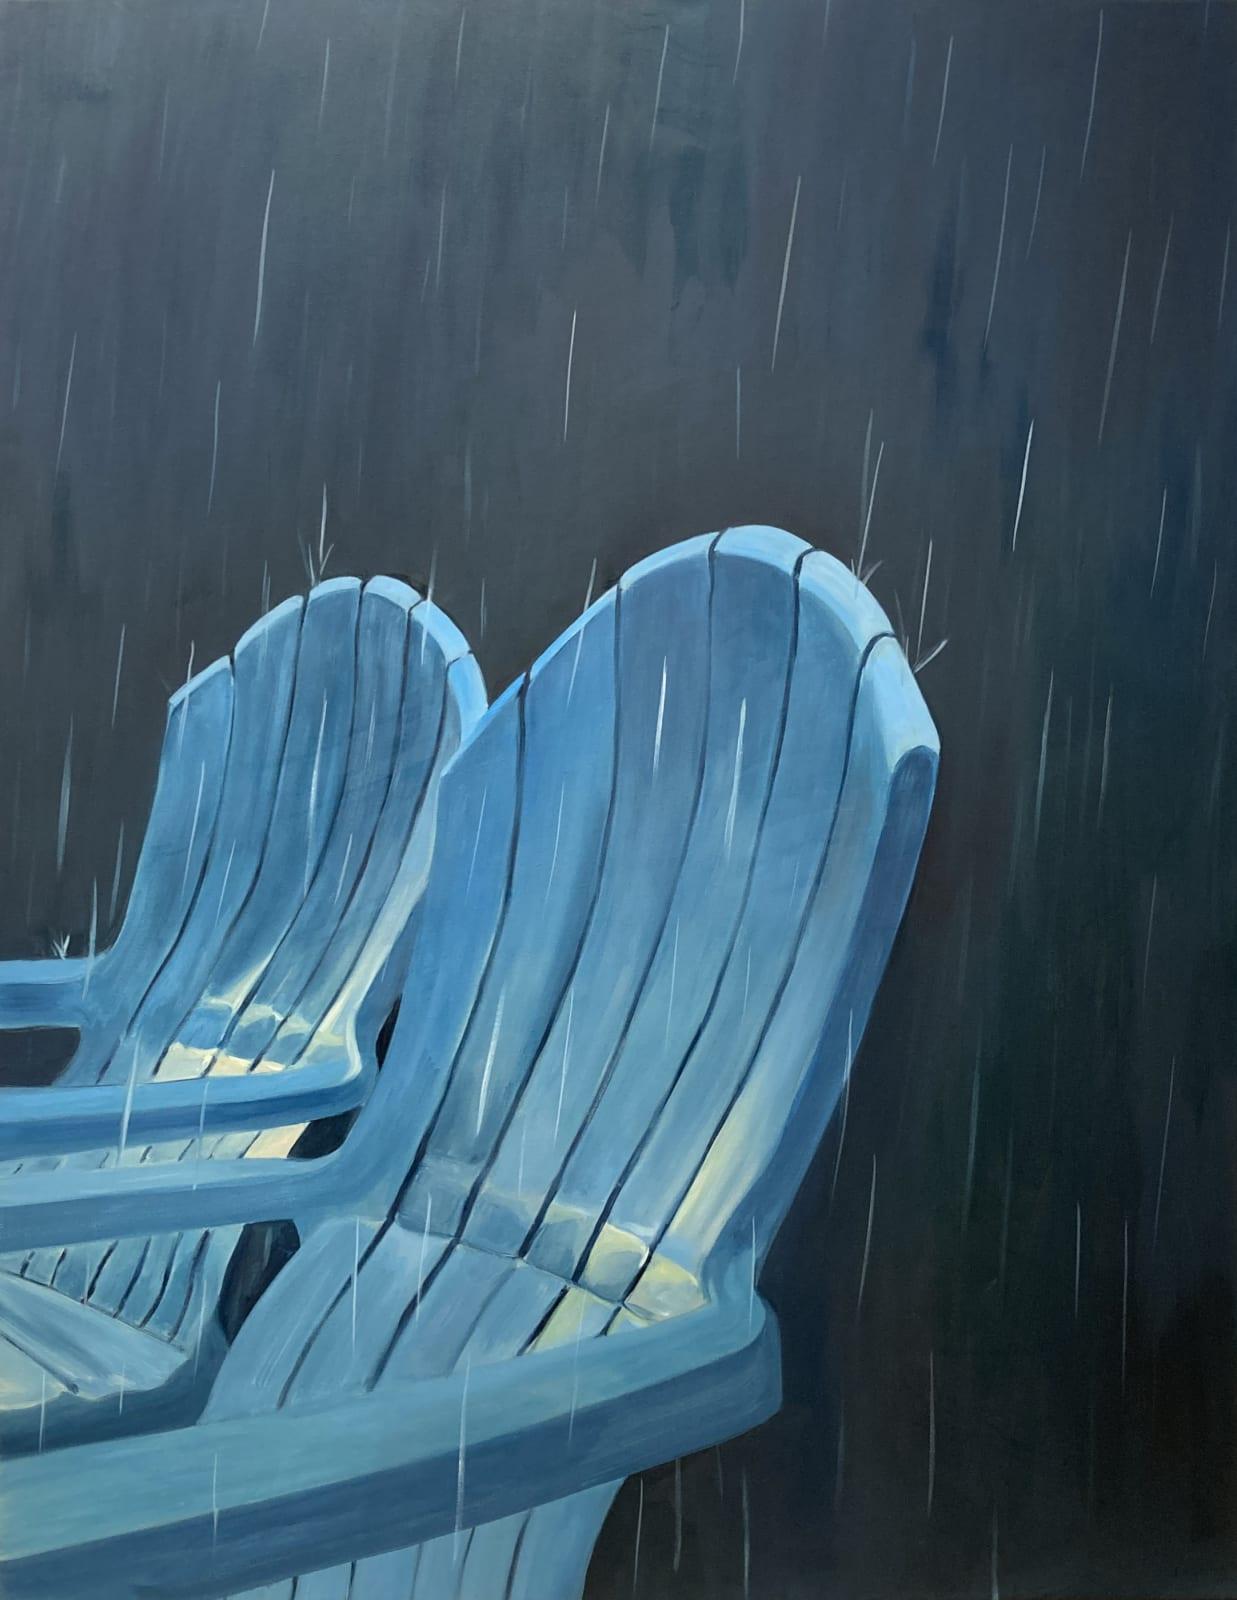 Aglaé Bassens, Evening Rain, 2020